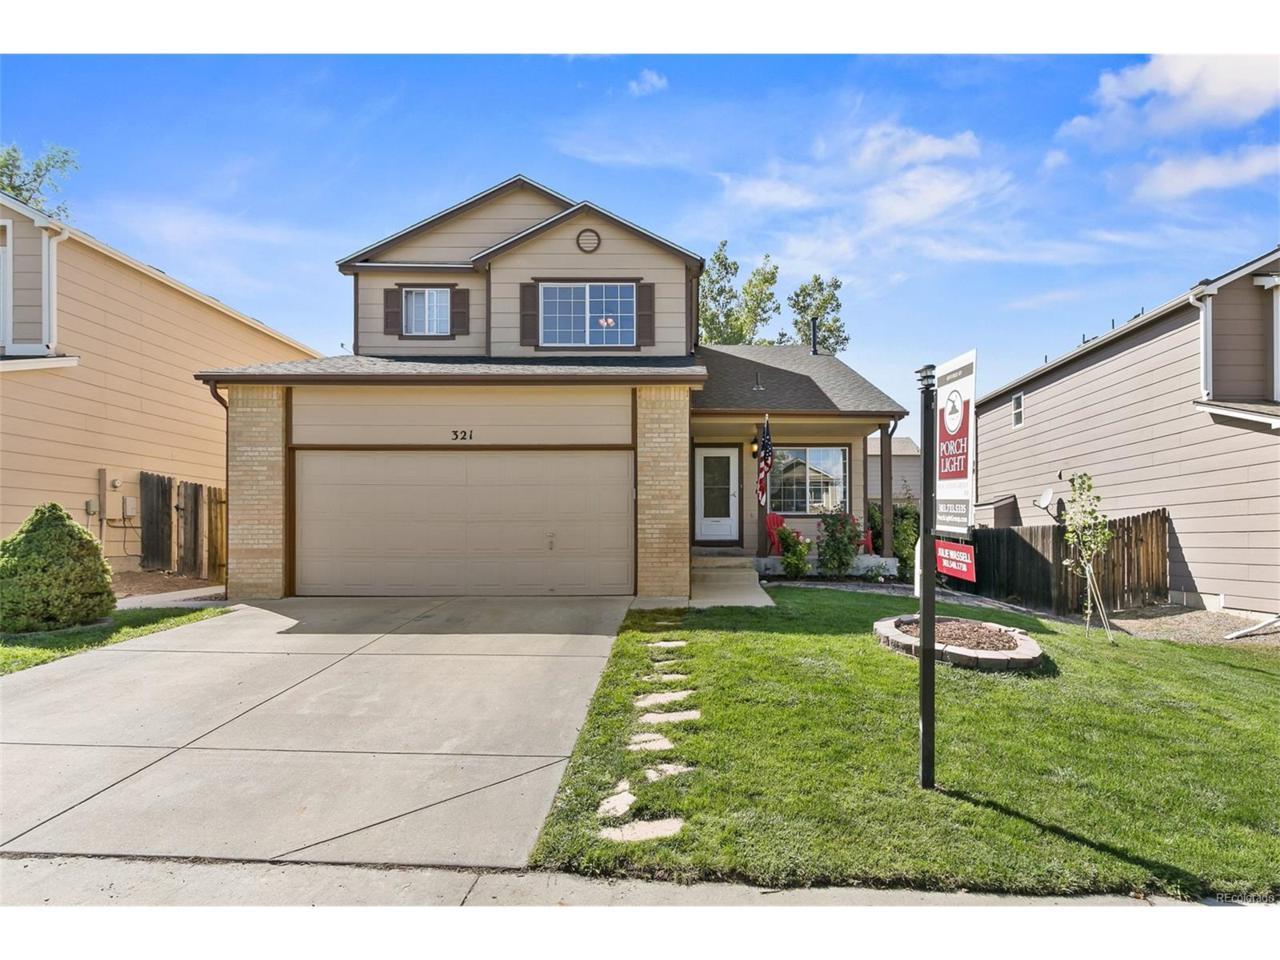 321 Chelsea Street, Castle Rock, CO 80104 (MLS #7004559) :: 8z Real Estate